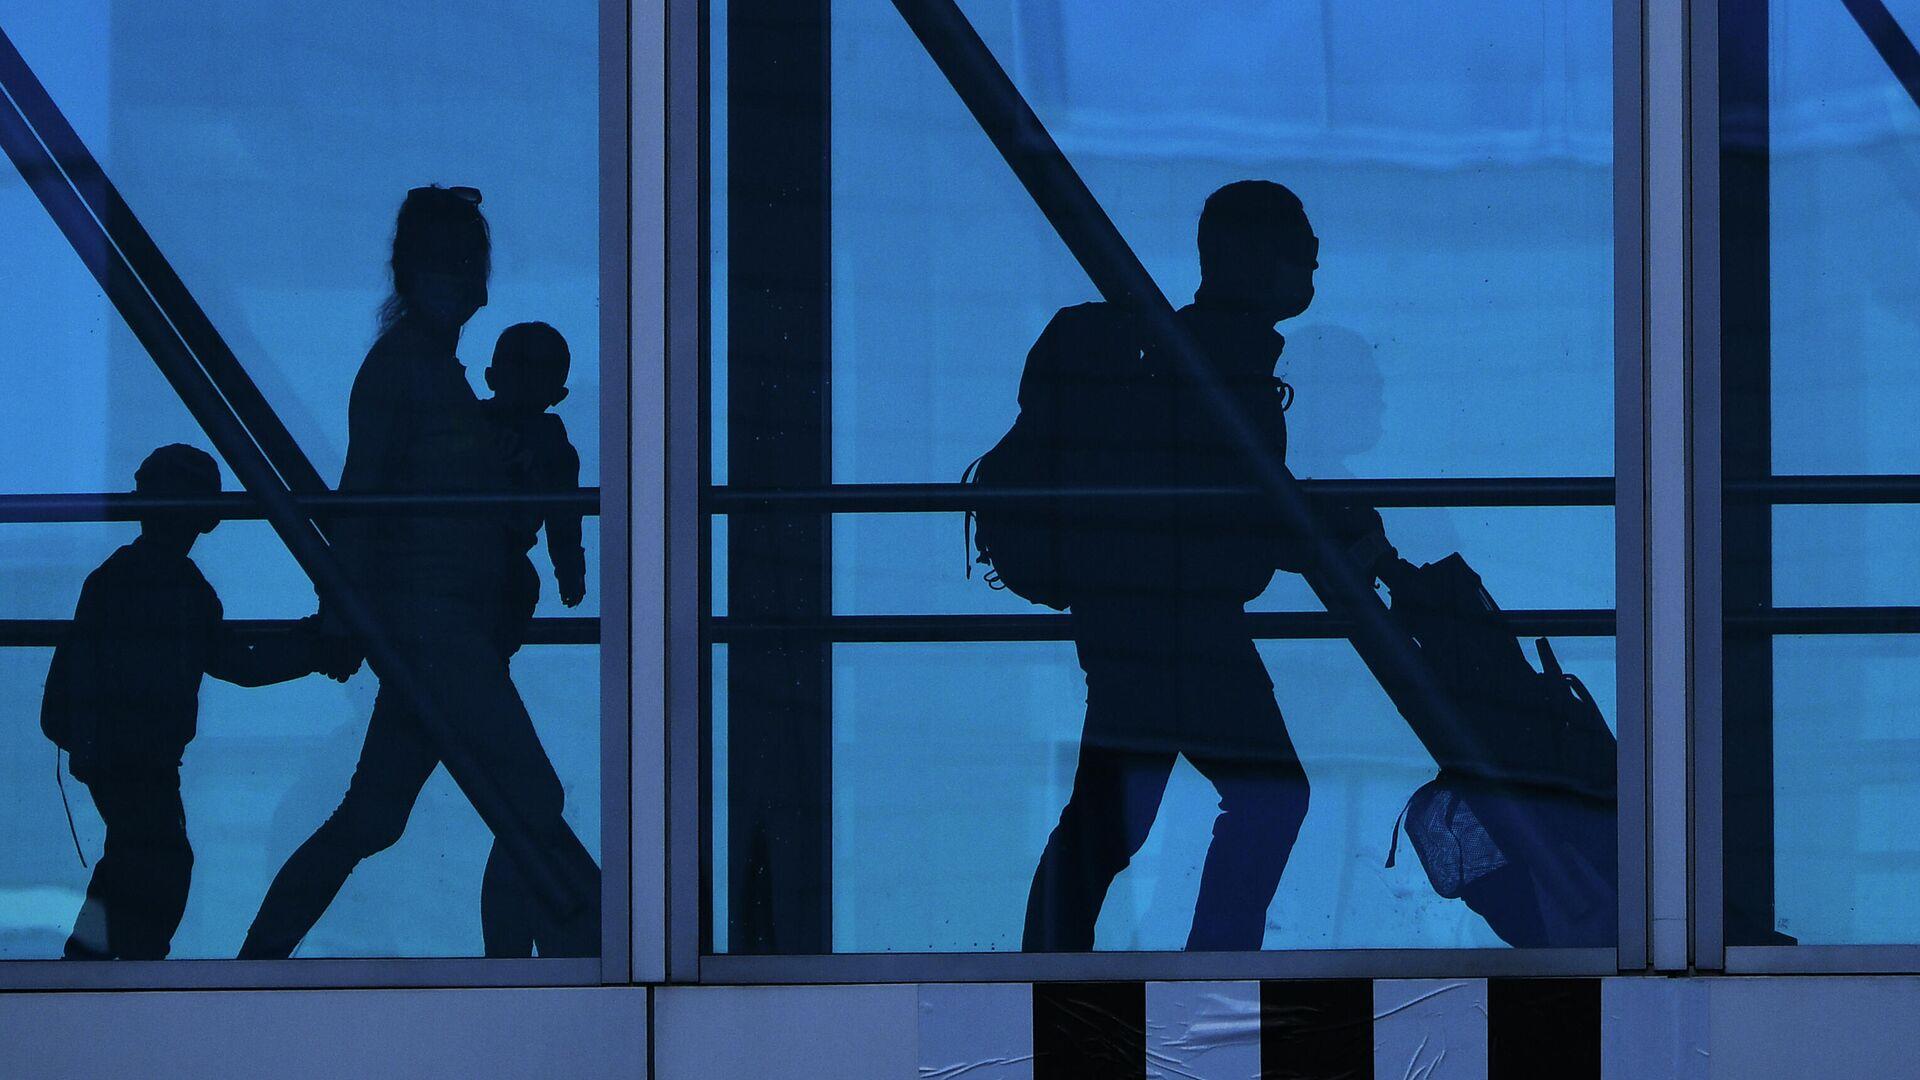 Семья в переходе терминала аэропорта Домодедово - РИА Новости, 1920, 23.06.2021